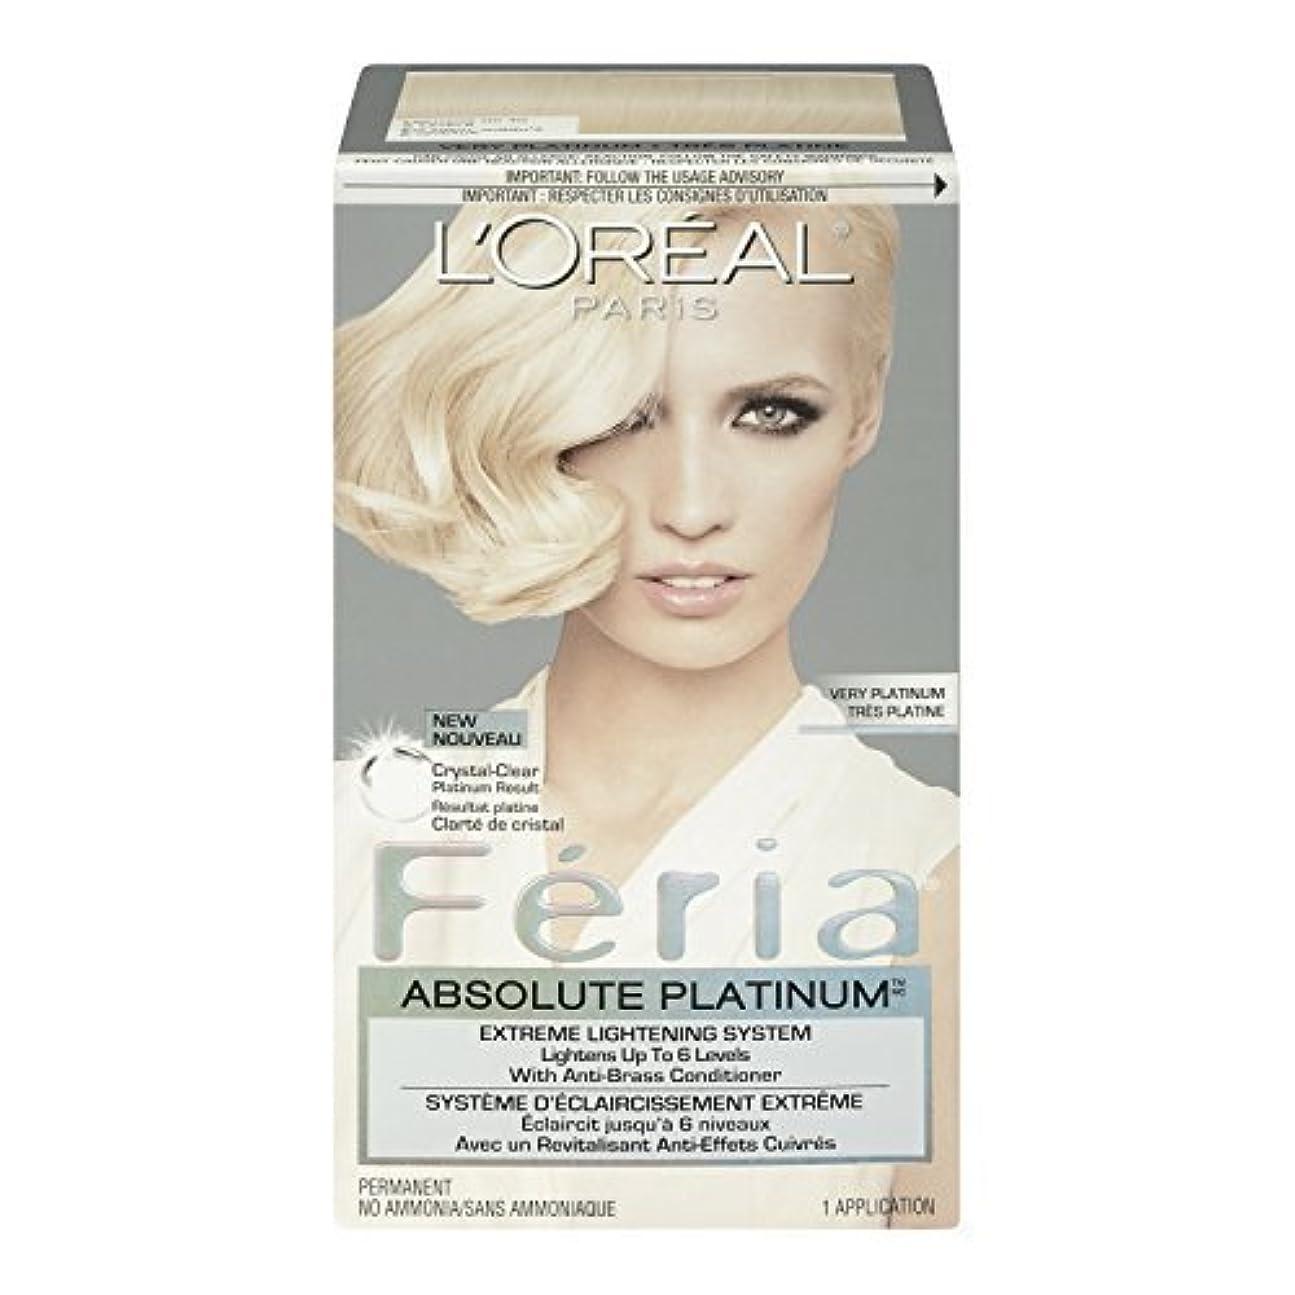 志す気分が良い挽くL'Oreal Feria Absolute Platinums Hair Color, Very Platinum by L'Oreal Paris Hair Color [並行輸入品]